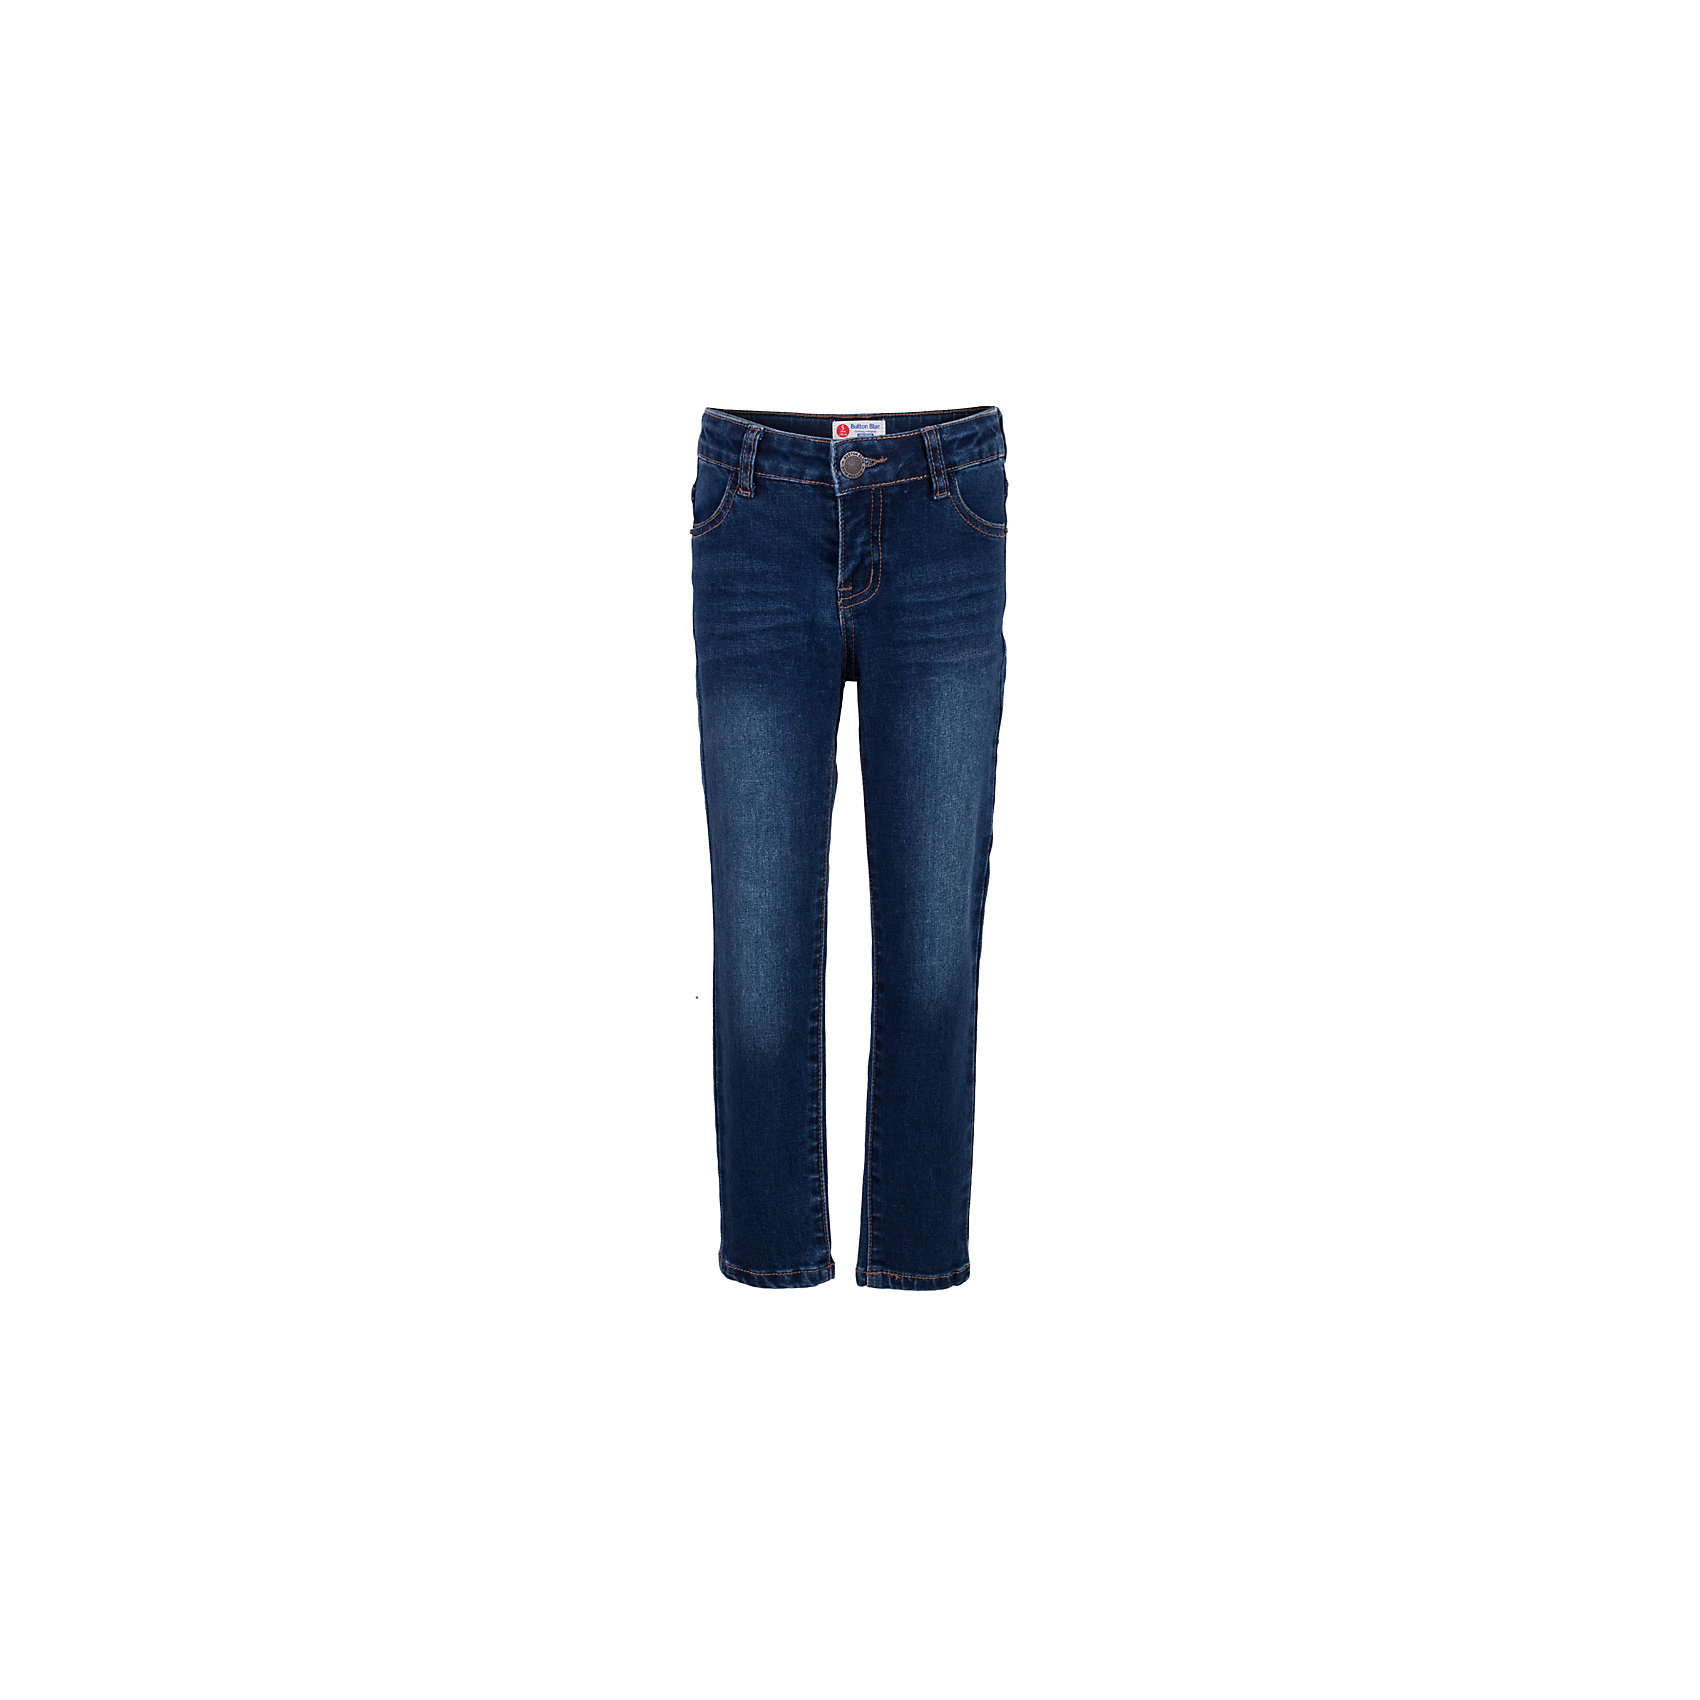 Джинсы для мальчика  BUTTON BLUEДжинсы<br>Джинсы для мальчика  BUTTON BLUE<br>Классные синие джинсы с потертостями и повреждениями — гарантия модного современного образа! Хороший крой, удобная посадка на фигуре подарят мальчику комфорт и свободу движений. Если вы хотите купить ребенку недорогие модные зауженные джинсы, модель от Button Blue - прекрасный выбор!<br>Состав:<br>75% хлопок 23%полиэстер 2%эластан<br><br>Ширина мм: 215<br>Глубина мм: 88<br>Высота мм: 191<br>Вес г: 336<br>Цвет: синий<br>Возраст от месяцев: 144<br>Возраст до месяцев: 156<br>Пол: Мужской<br>Возраст: Детский<br>Размер: 158,98,104,110,116,122,128,134,140,146,152<br>SKU: 5524710